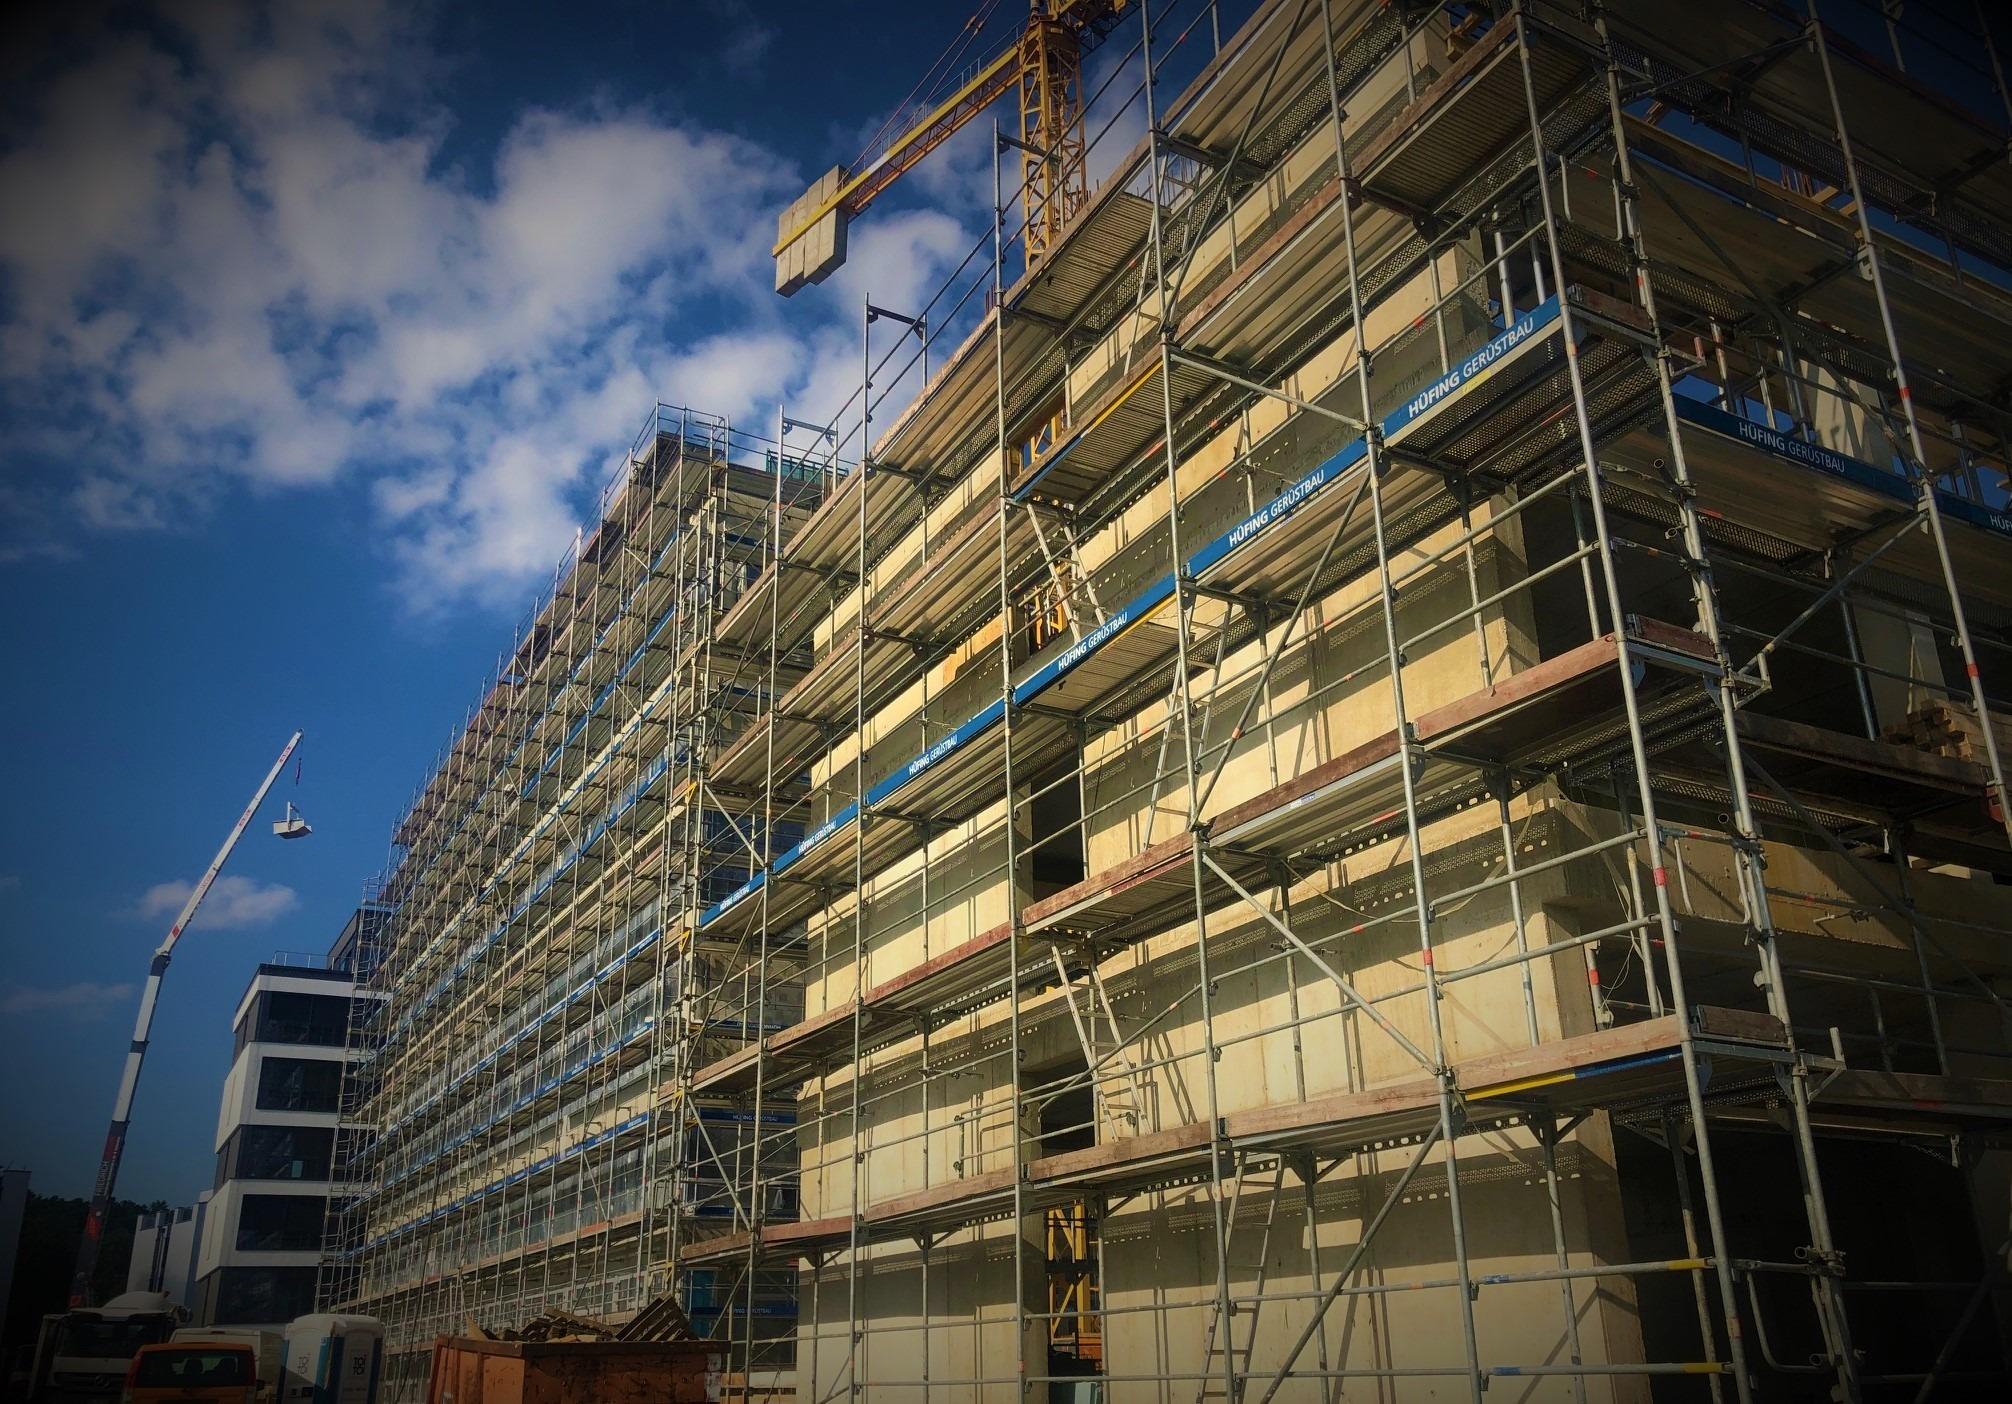 Juli 2019 - Die Bauarbeiten laufen auf Hochtouren